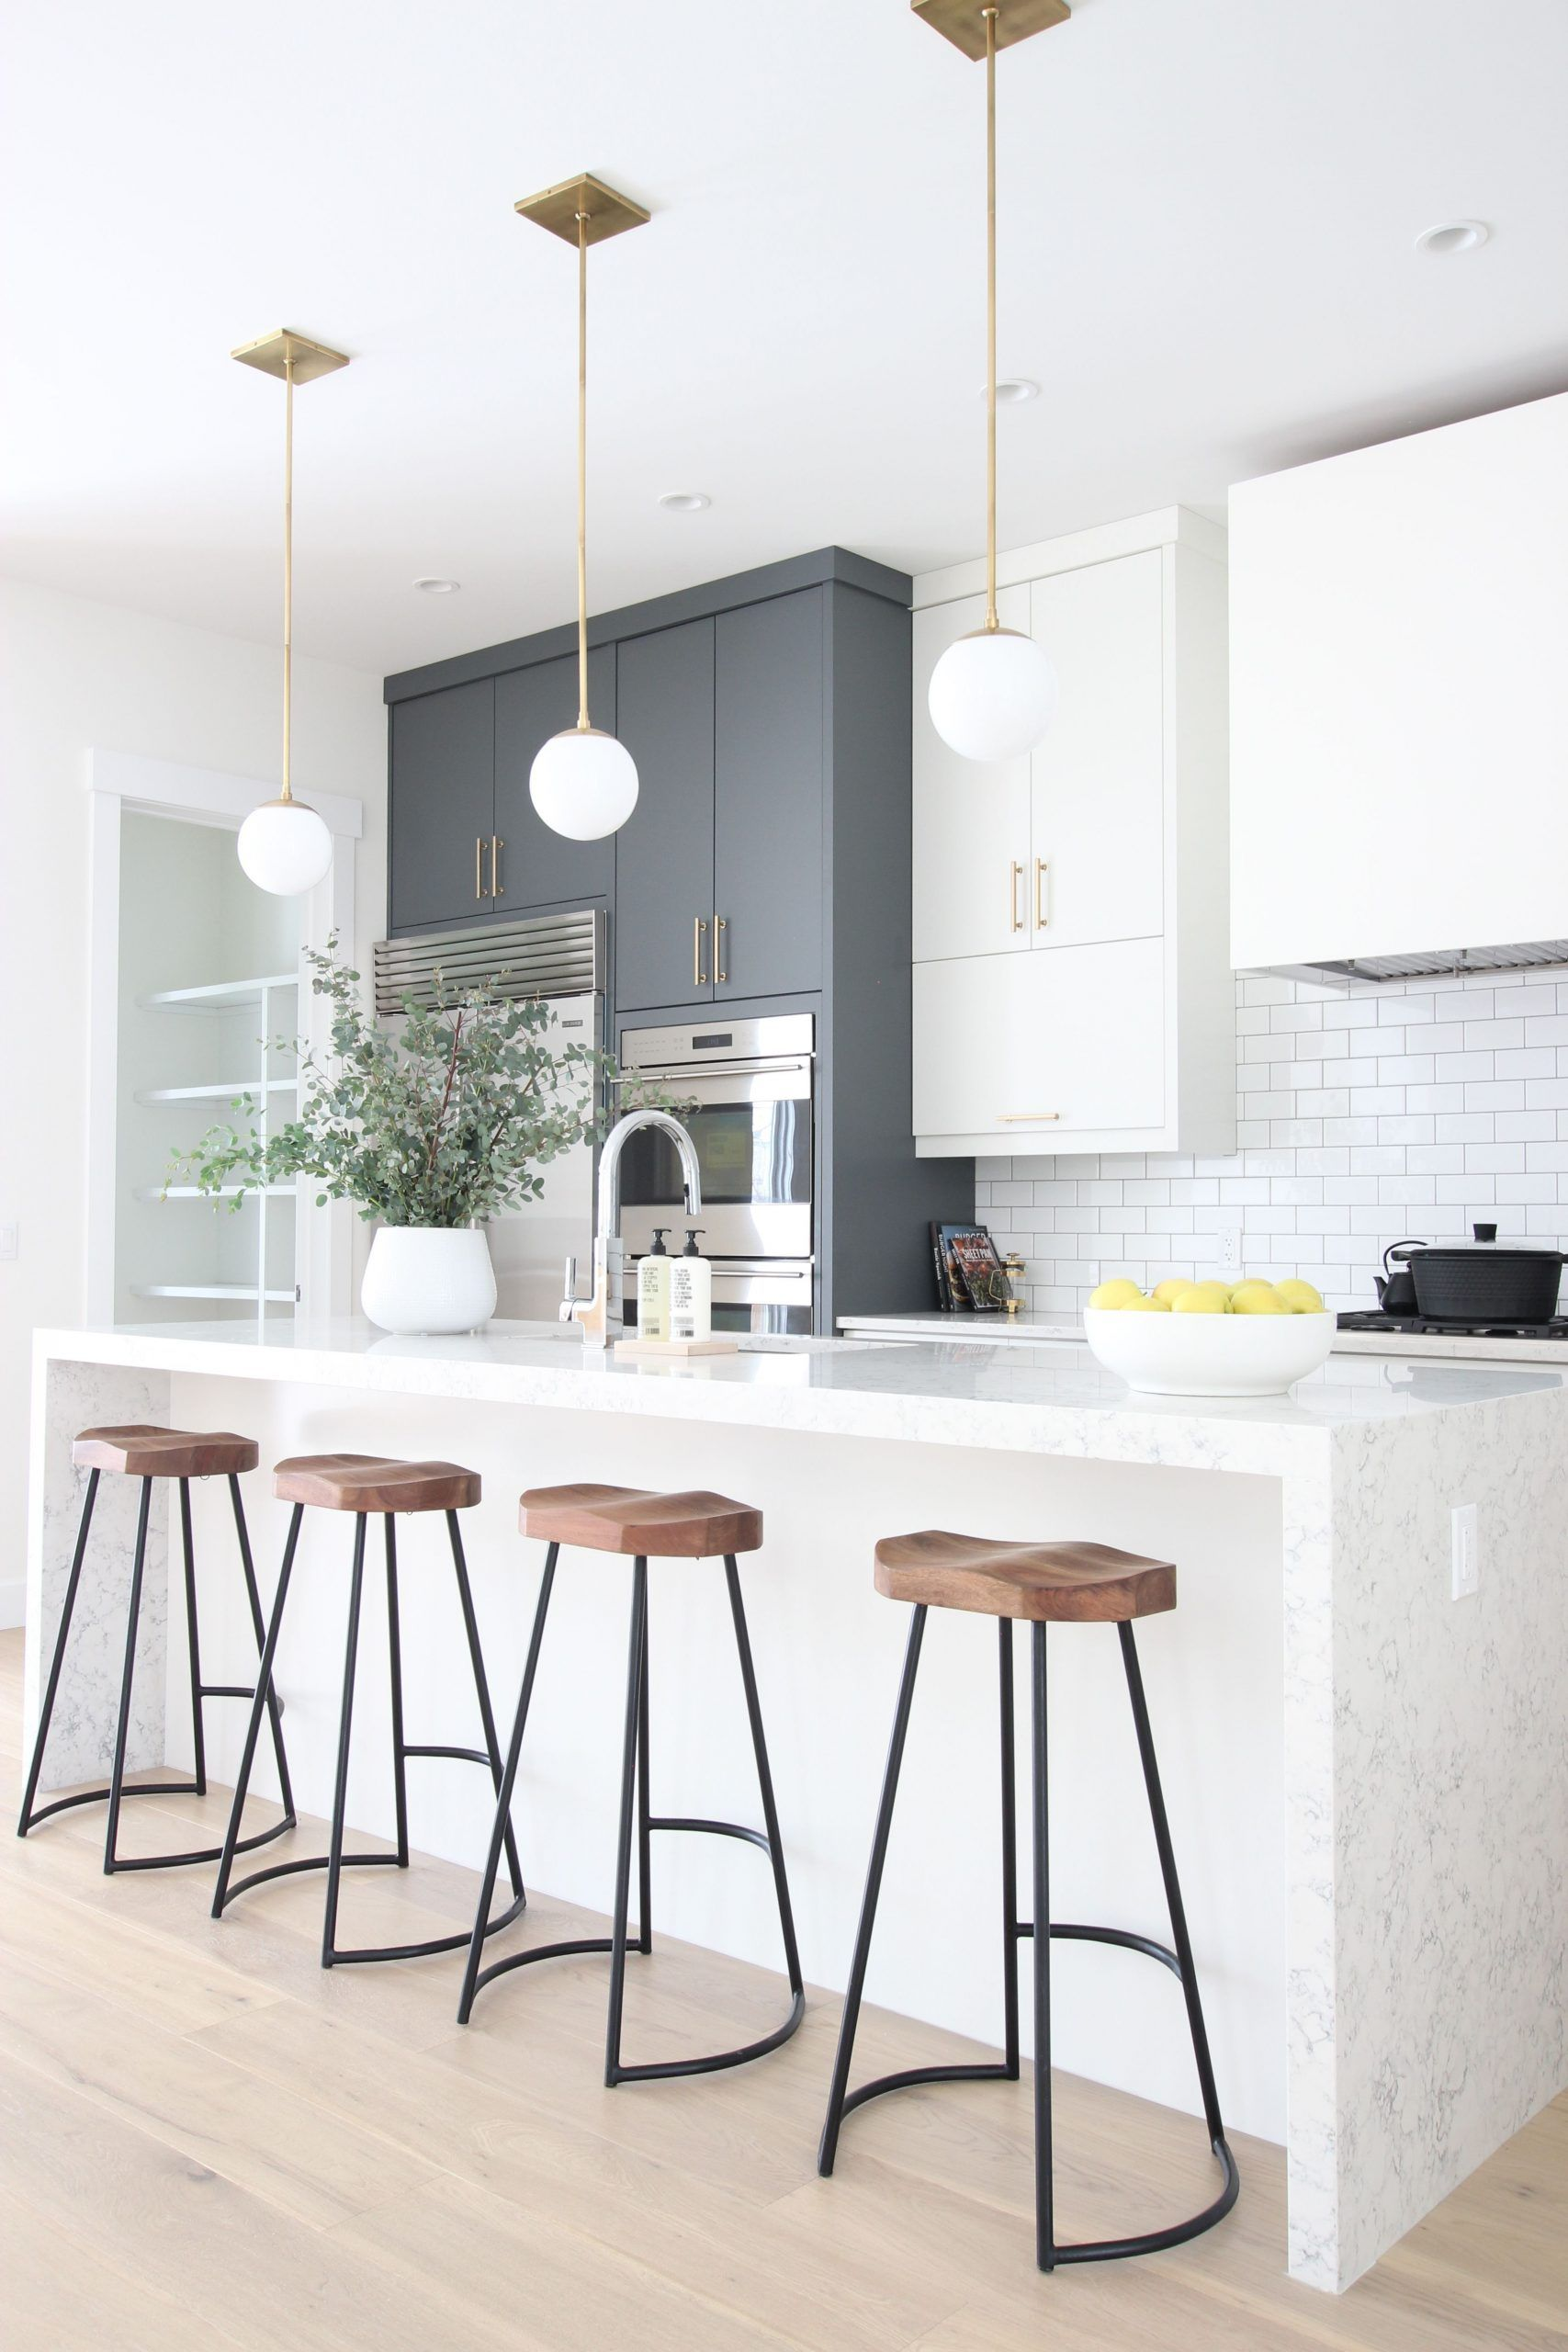 29 Kleine Kuche Beleuchtung Ideen Bilder Fur Niedrige Decken Harfe Post In 2020 White Kitchen Interior White Kitchen Interior Design White Modern Kitchen